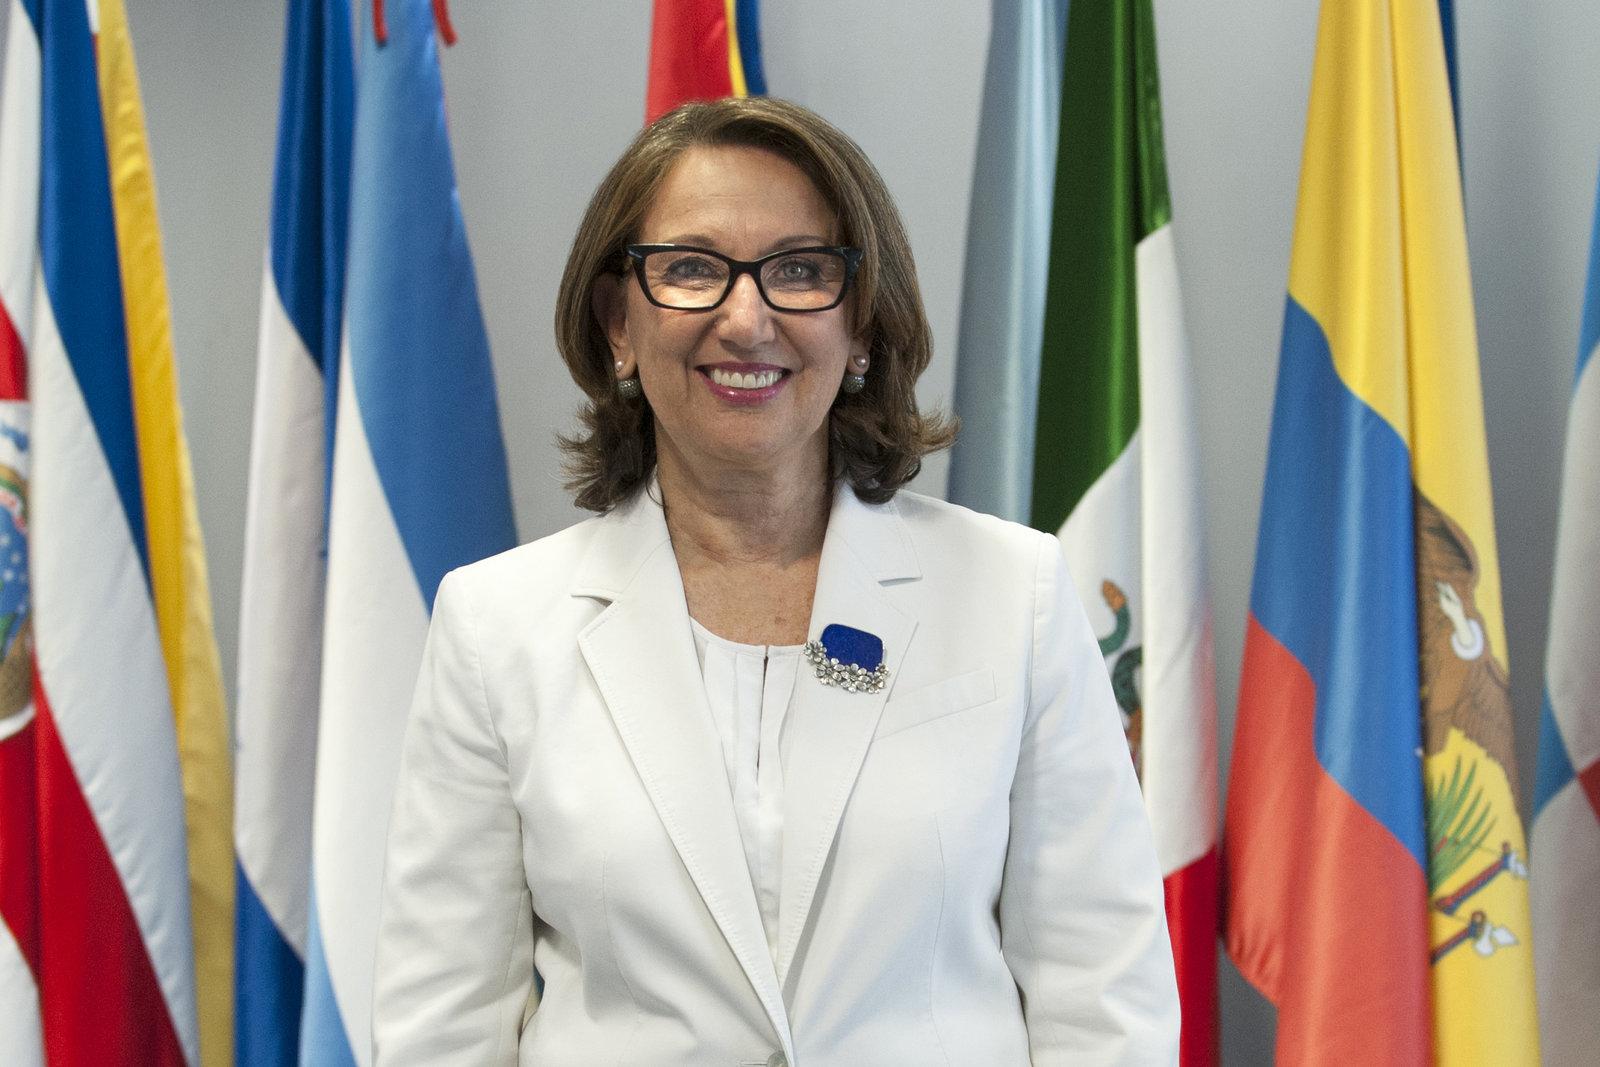 La economista Rebeca Grynspan asume como nueva responsable de la UNCTAD